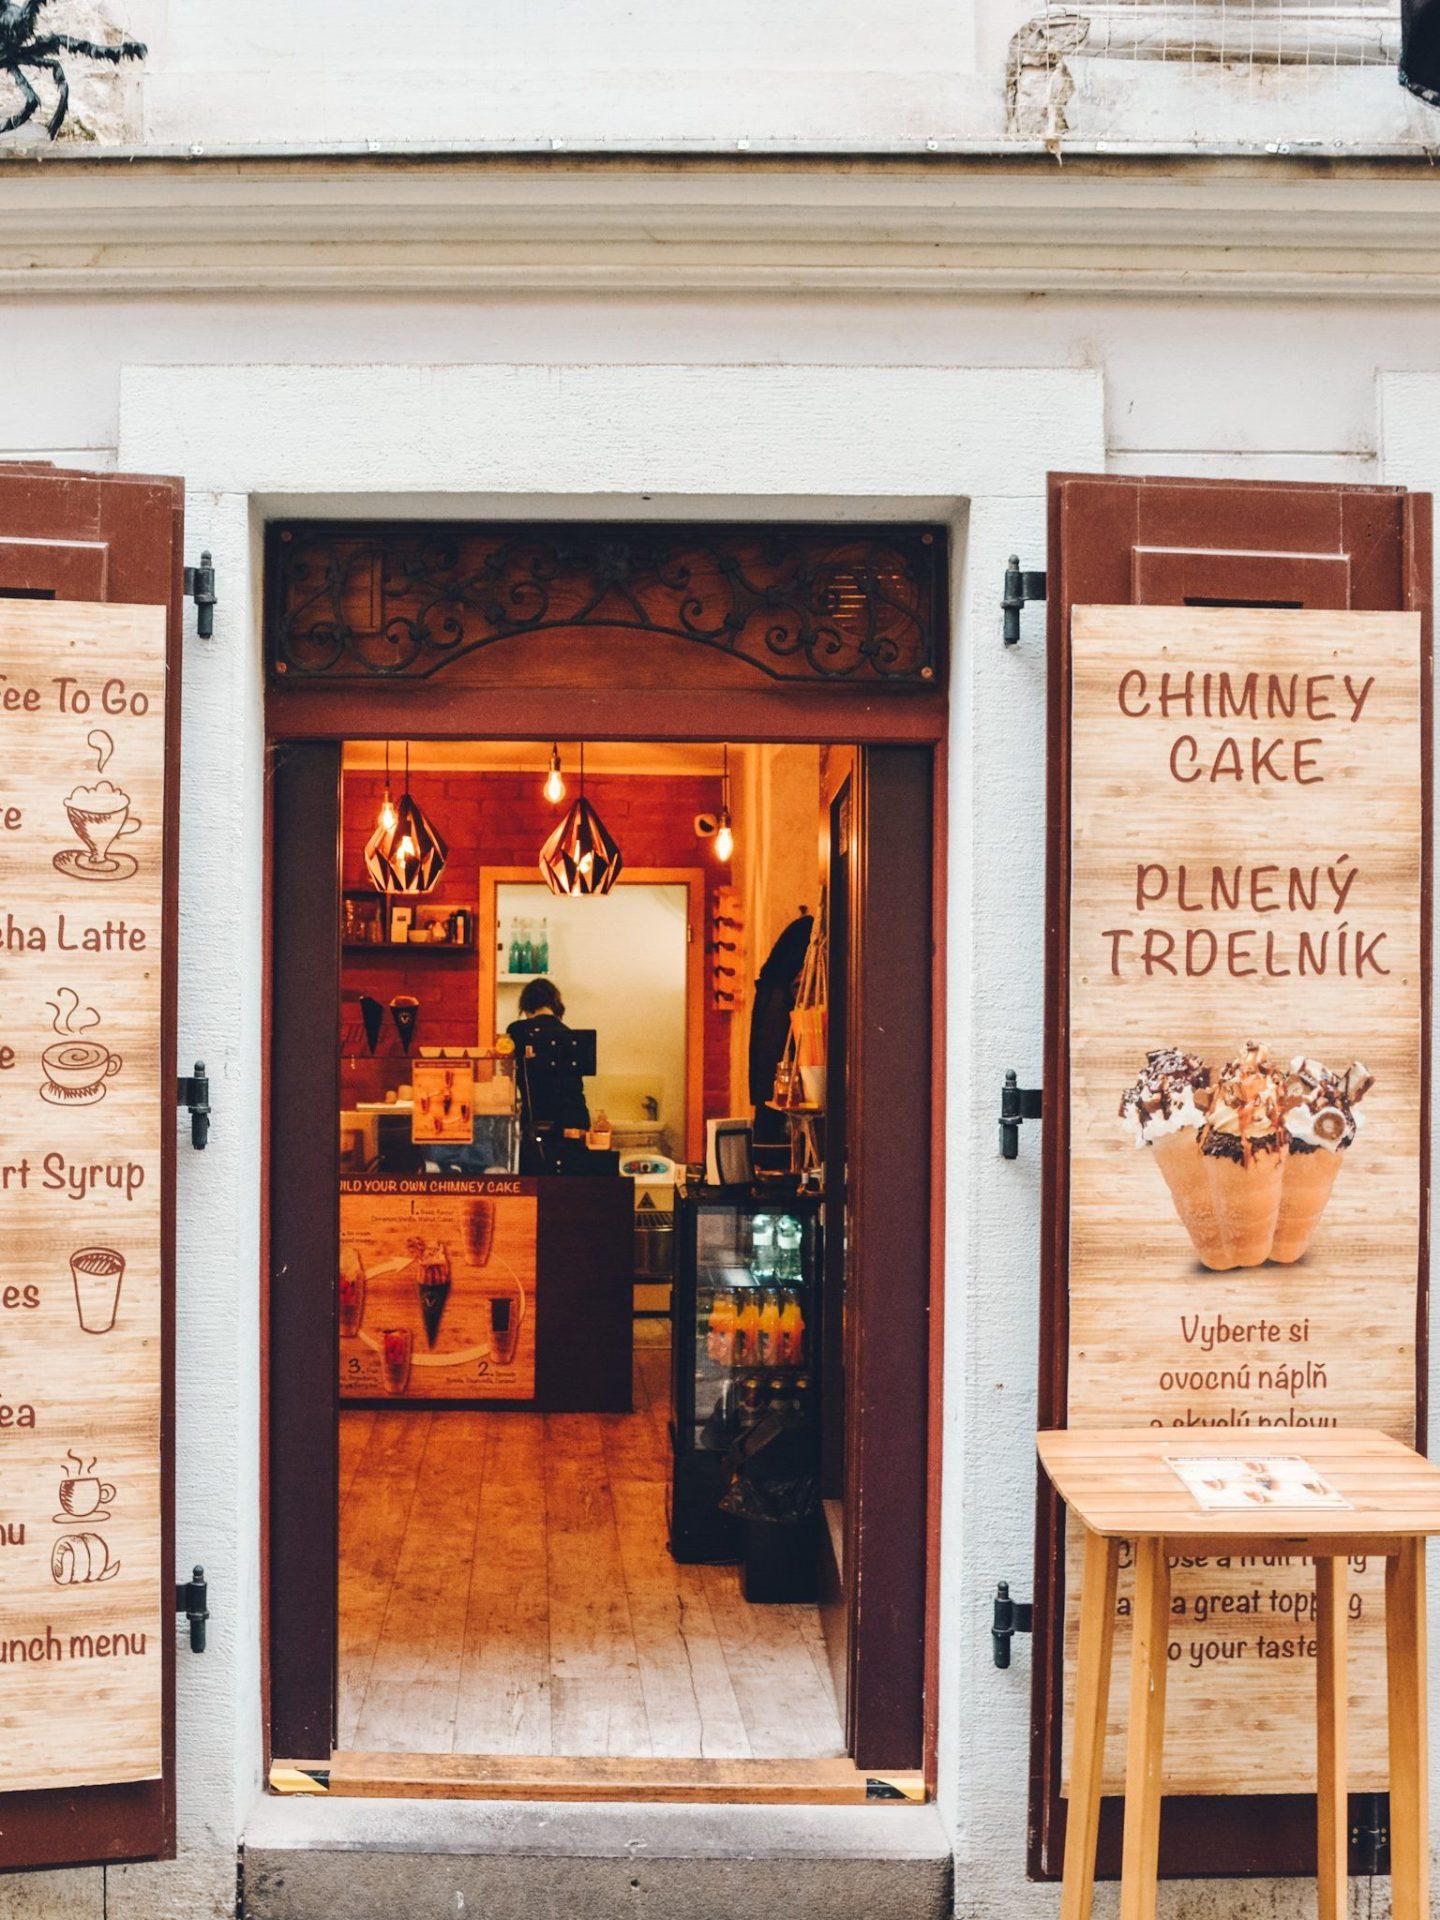 Chimney Cakes in Bratislava, Slovakia